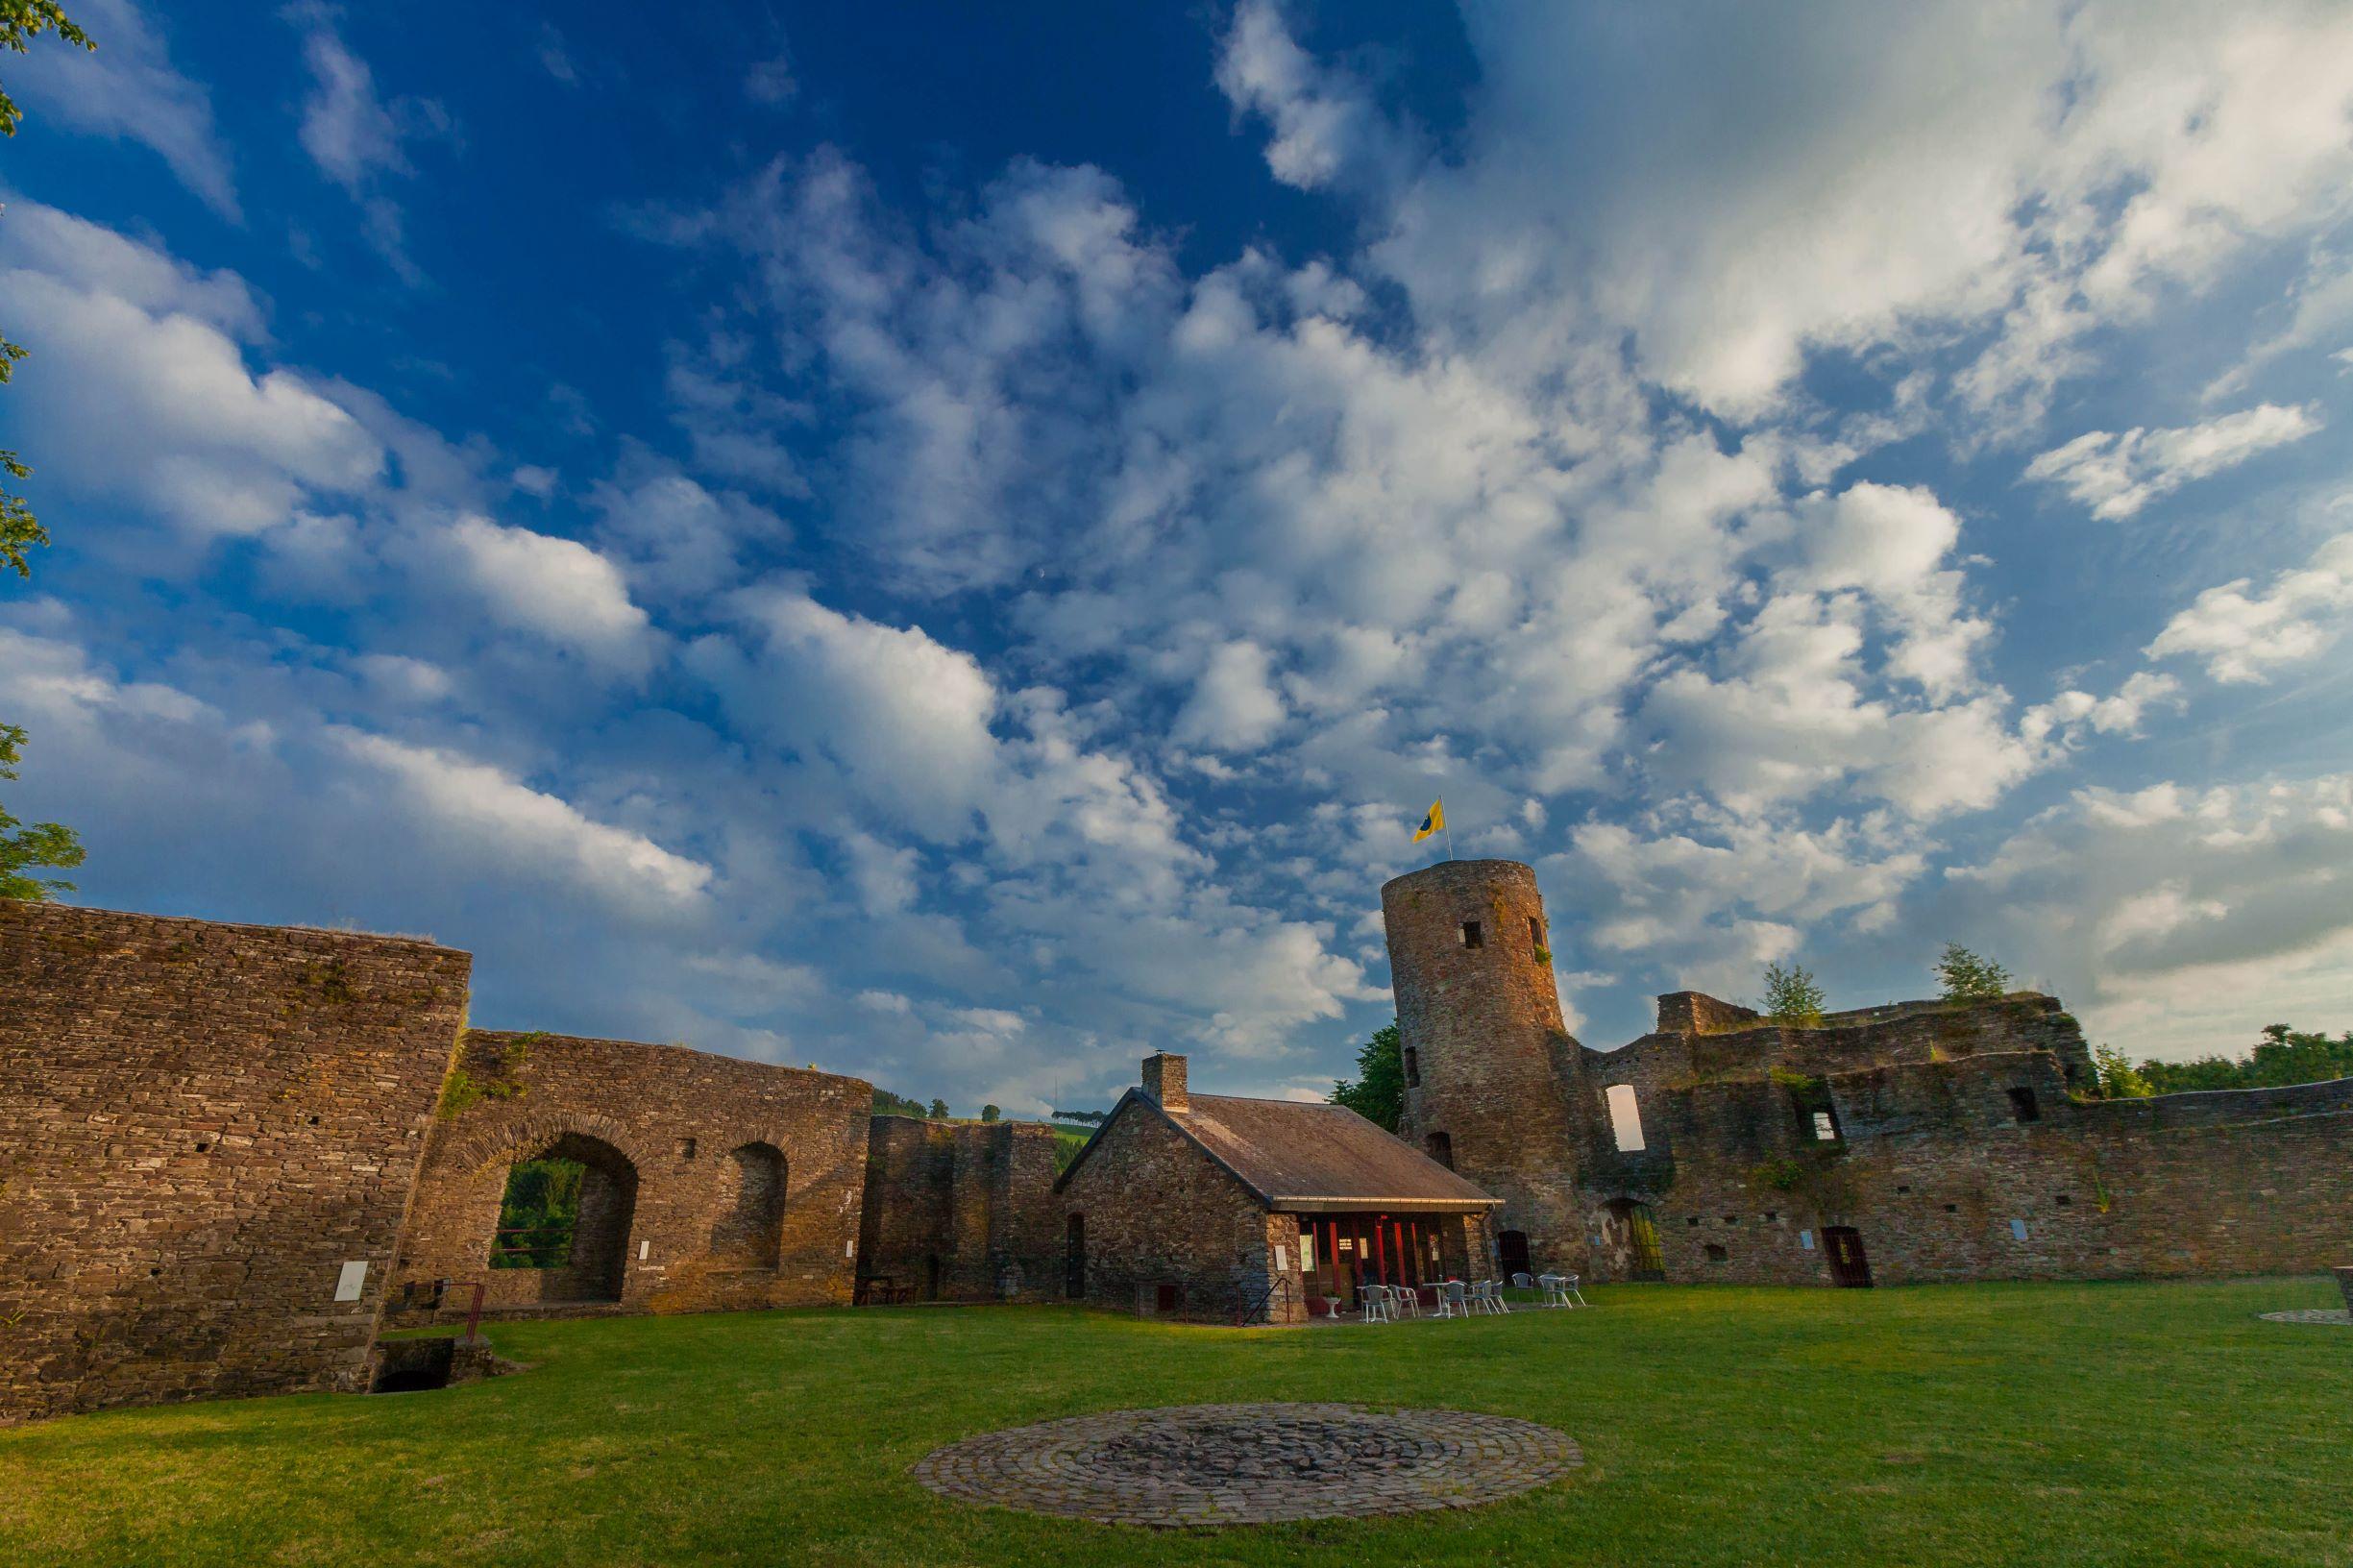 Burg Reuland Burgruine © Markus Balkow ostbelgien.eu